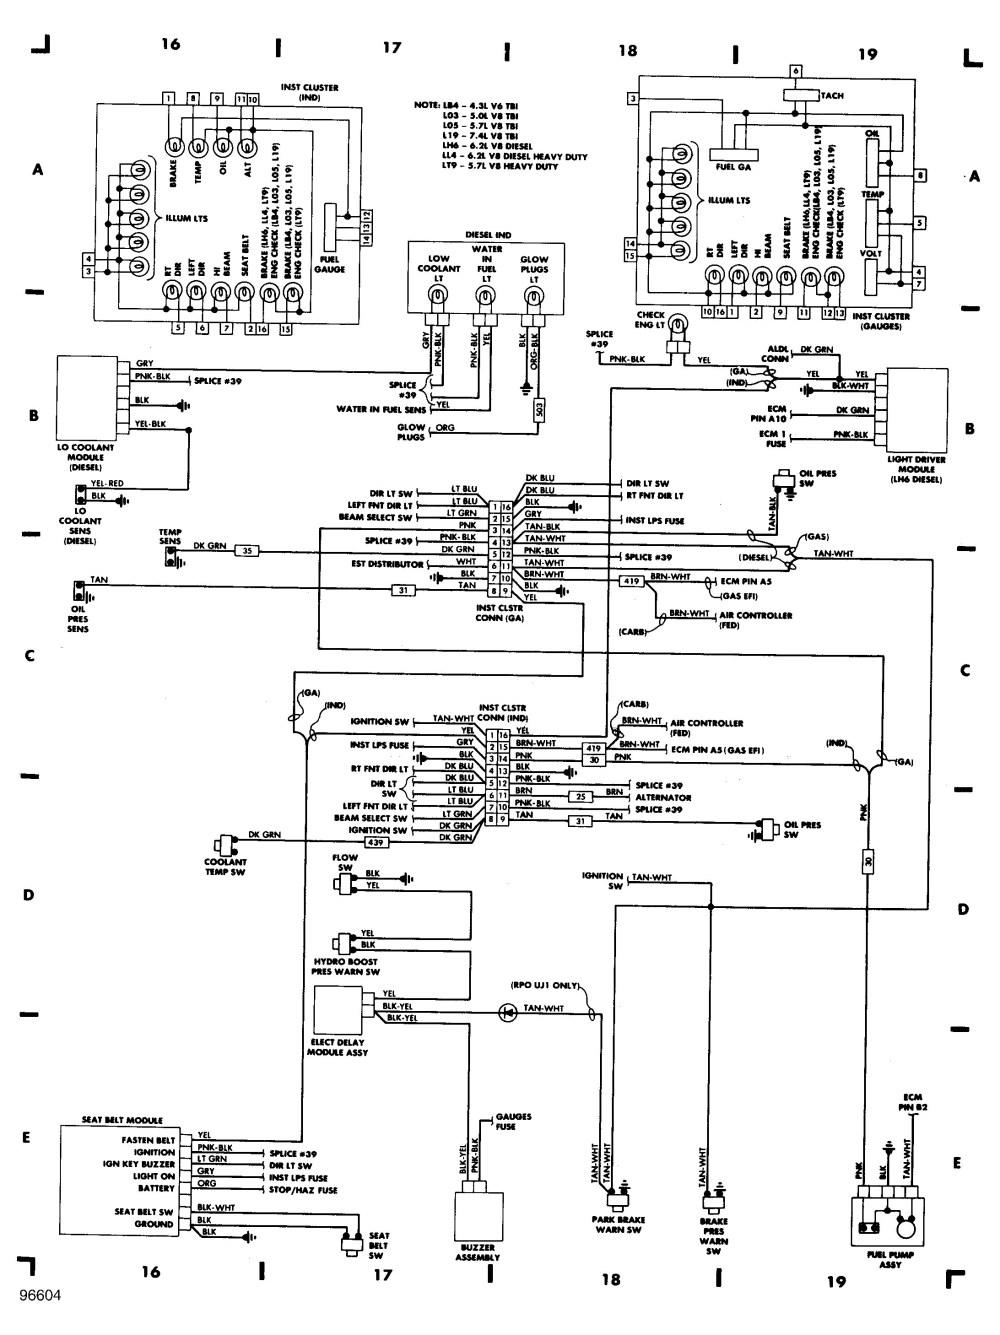 medium resolution of car engine diagram gif 5 7 vortec wiring diagram 4 3l vortec engine diagram wiring diagrams car engine diagram gif mitsubishi lancer evo 8